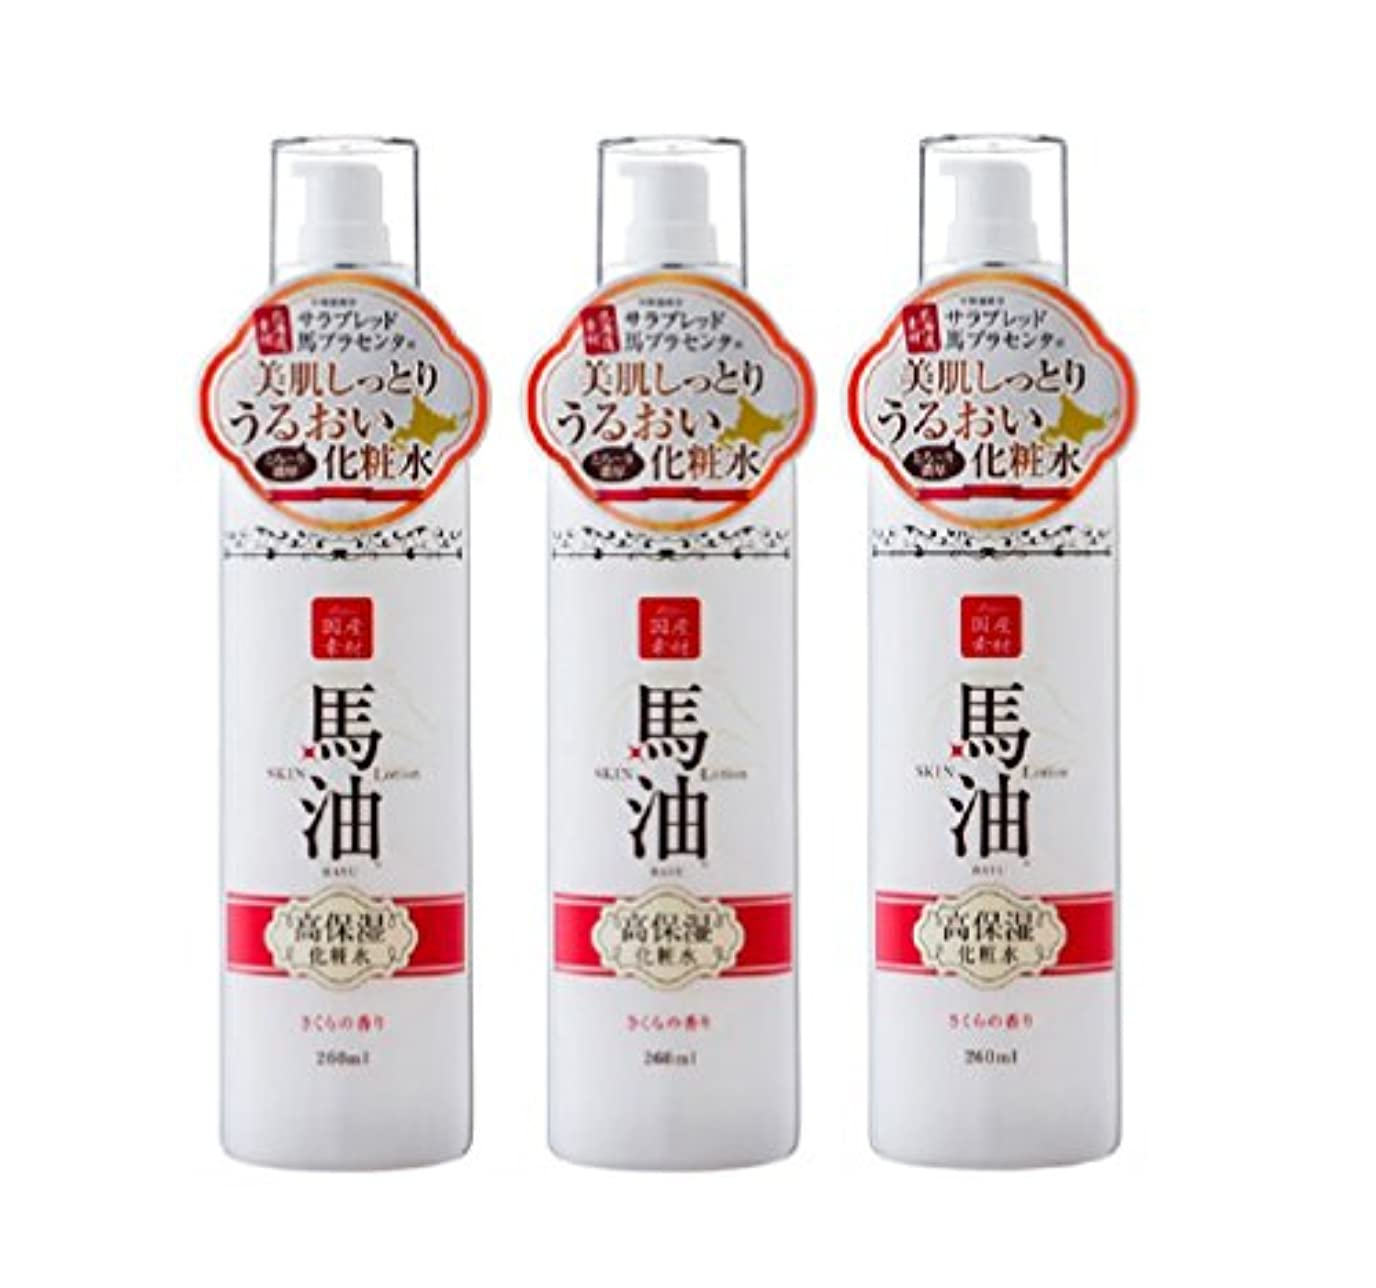 ゲージトマトイタリアのリシャン 馬油化粧水 さくらの香り 260ml×3本セット